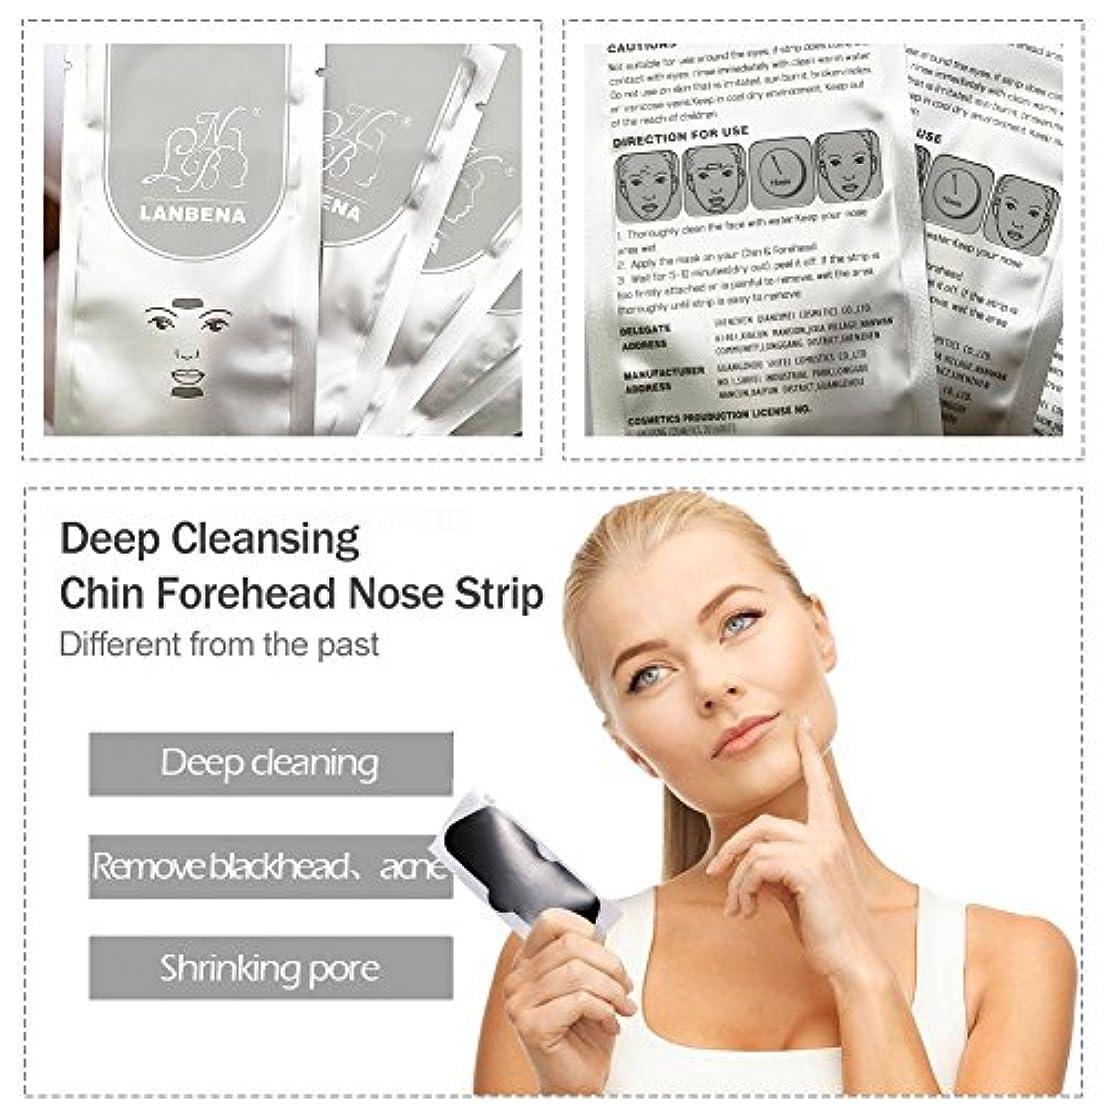 遡る効率たまに鼻ピーリングマスク10個鼻マスクピーリングディープクレンジング削除にきび浄化黒毛+ 10ピース顎額ストリップ